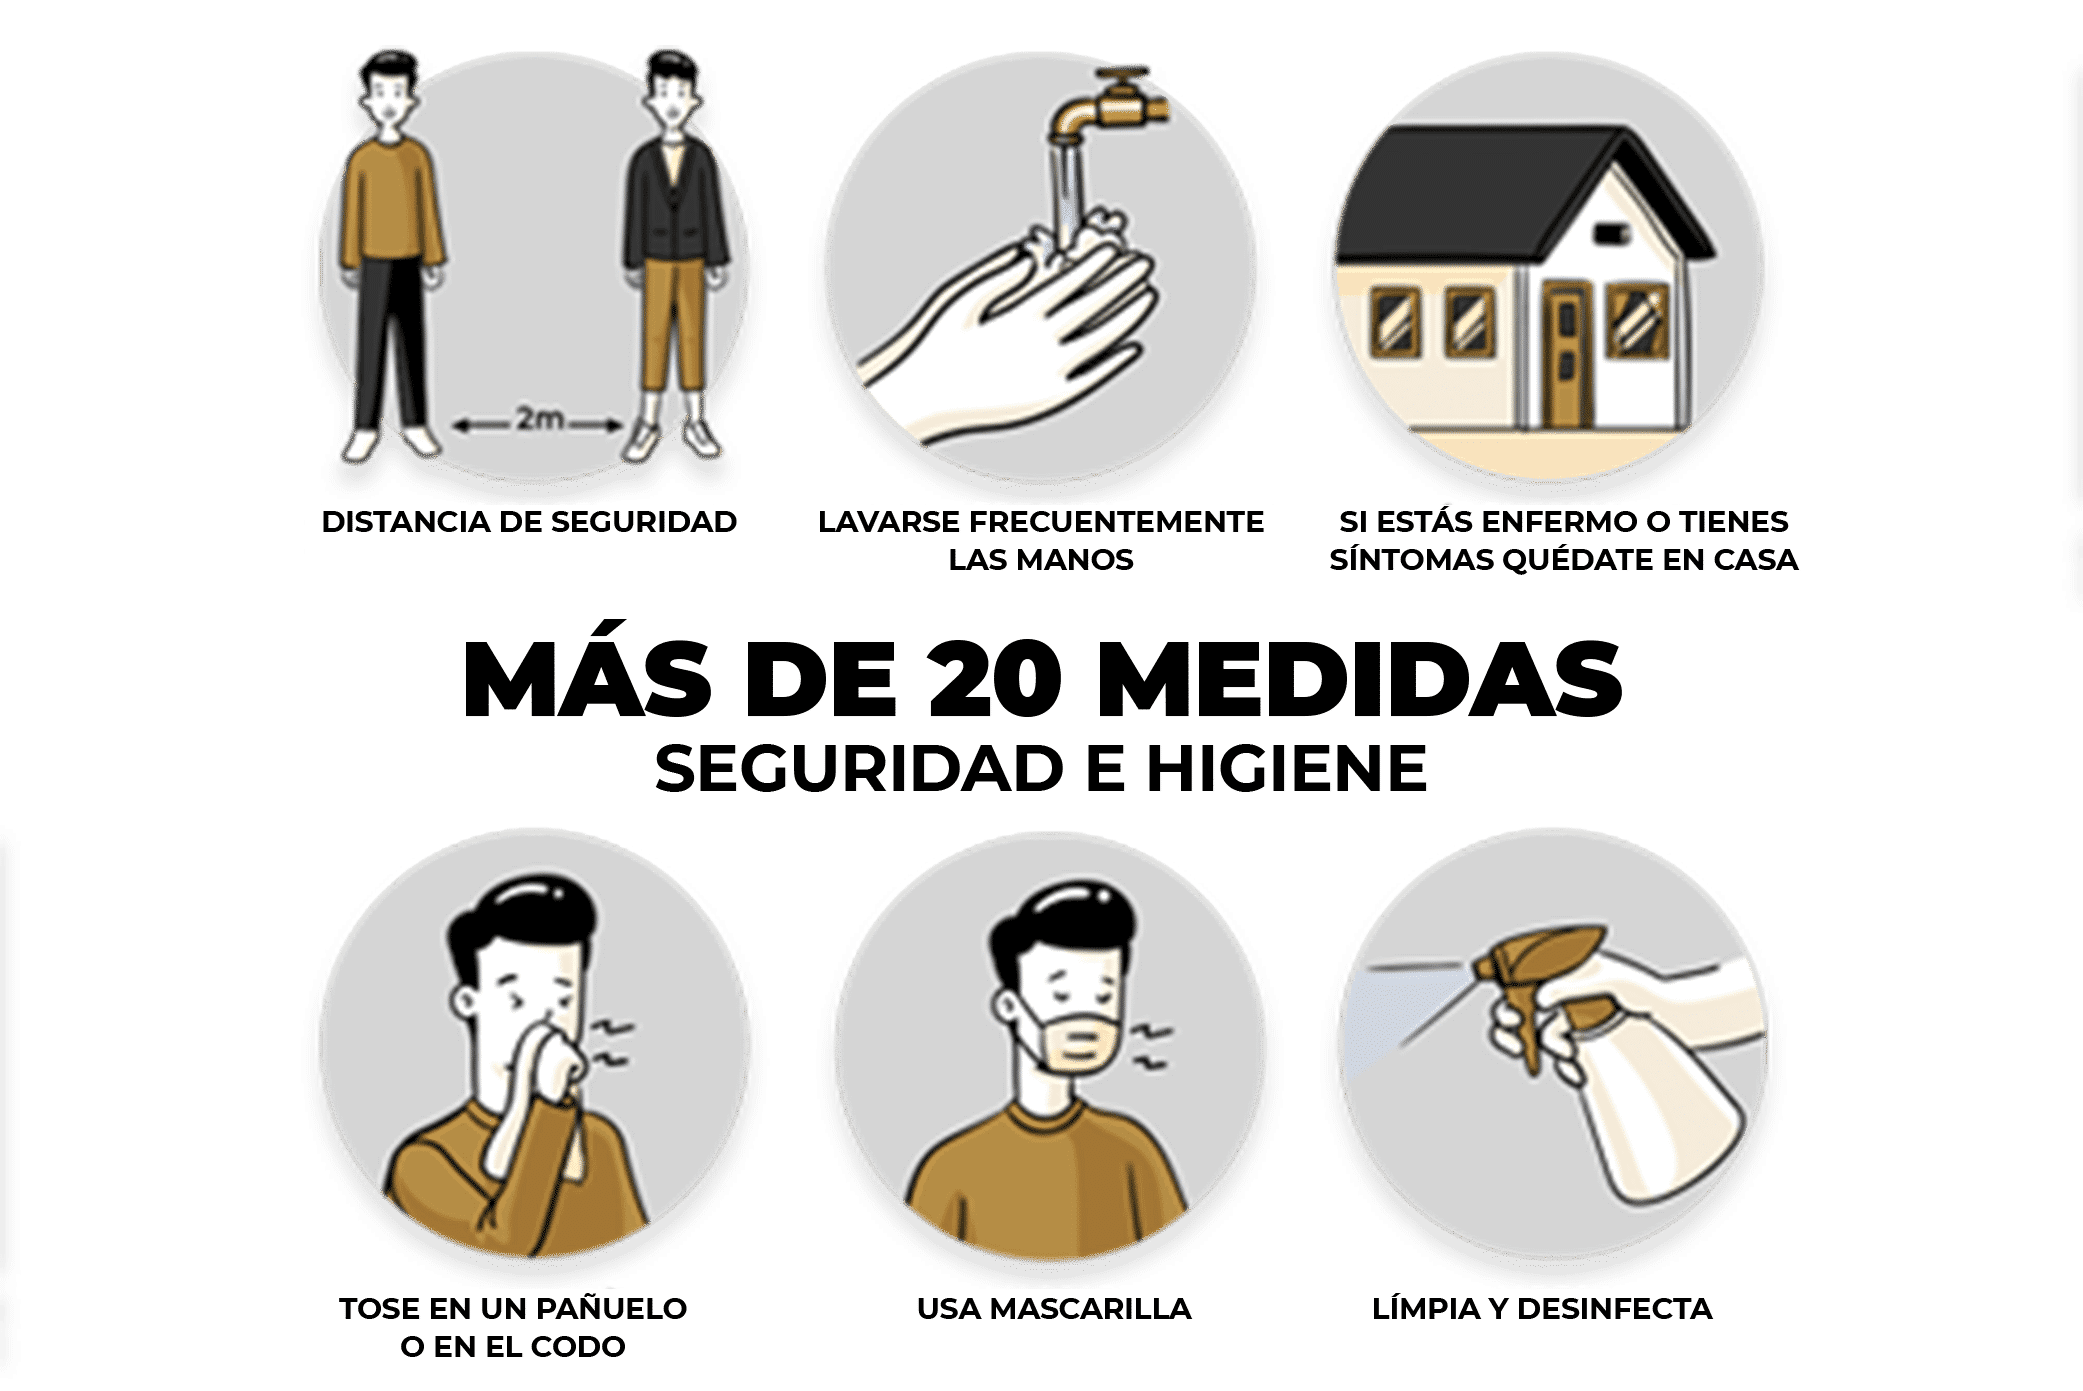 В Pavimentos Mandianes Parquets i Puertas Barcelona ваша безопасность является самым важным, поэтому мы соблюдаем более 20 мер гигиены.